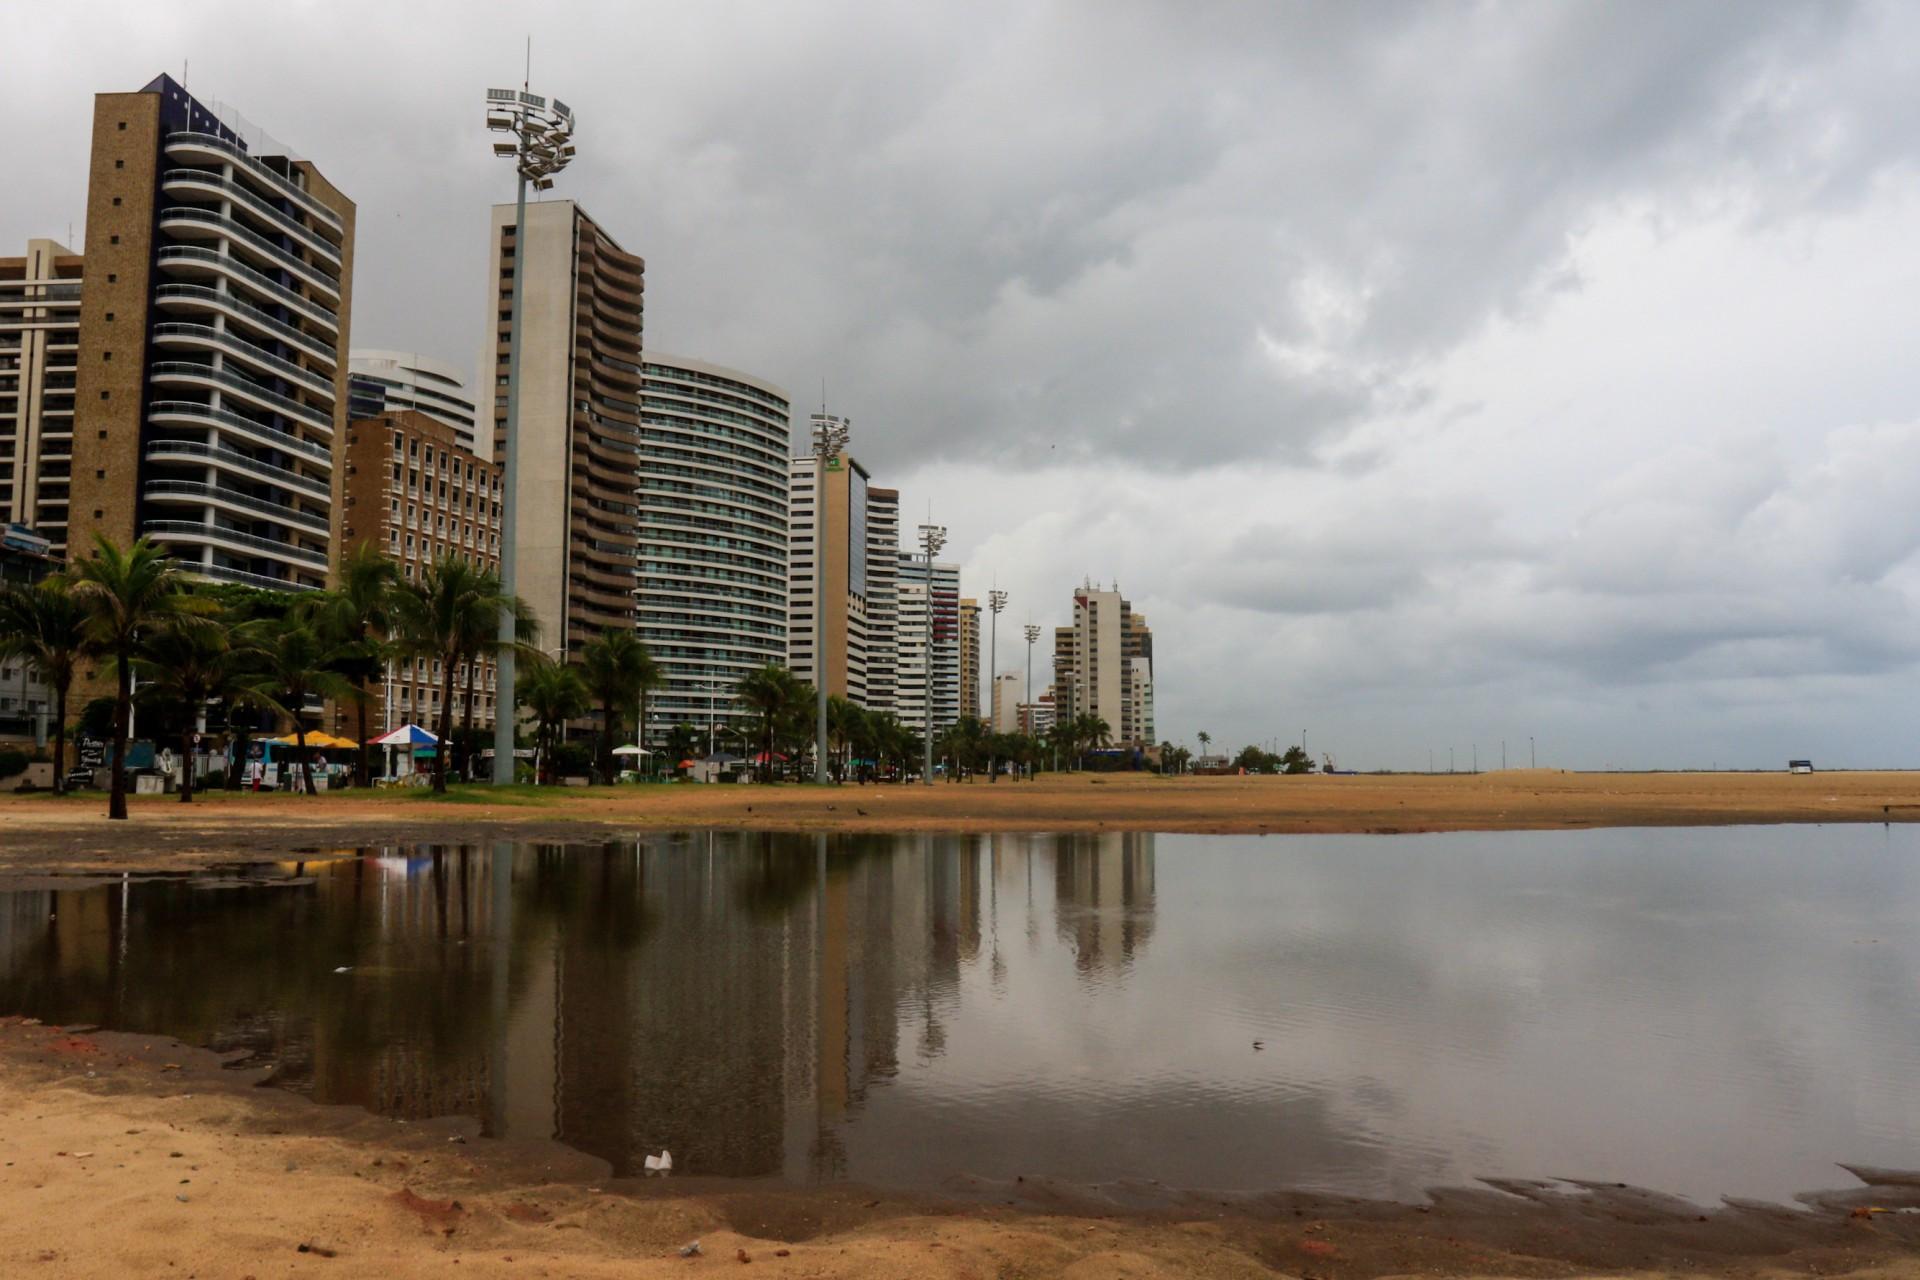 PARTE da avenida Beira Mar ficou alagada na manhã de ontem